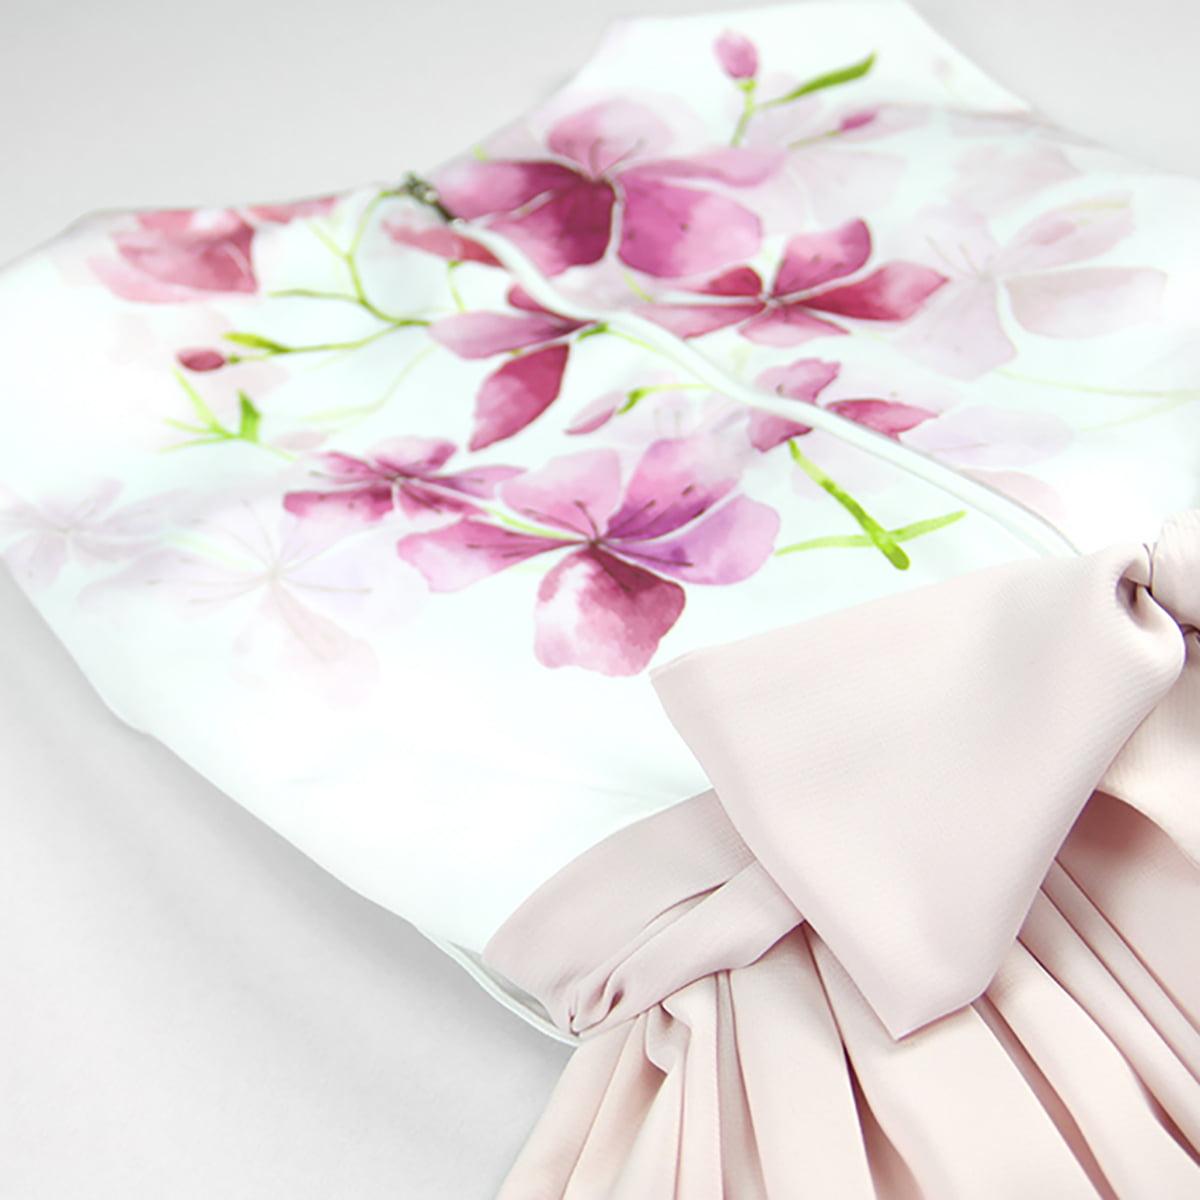 bijelo roza cherry blossom haljina detalj